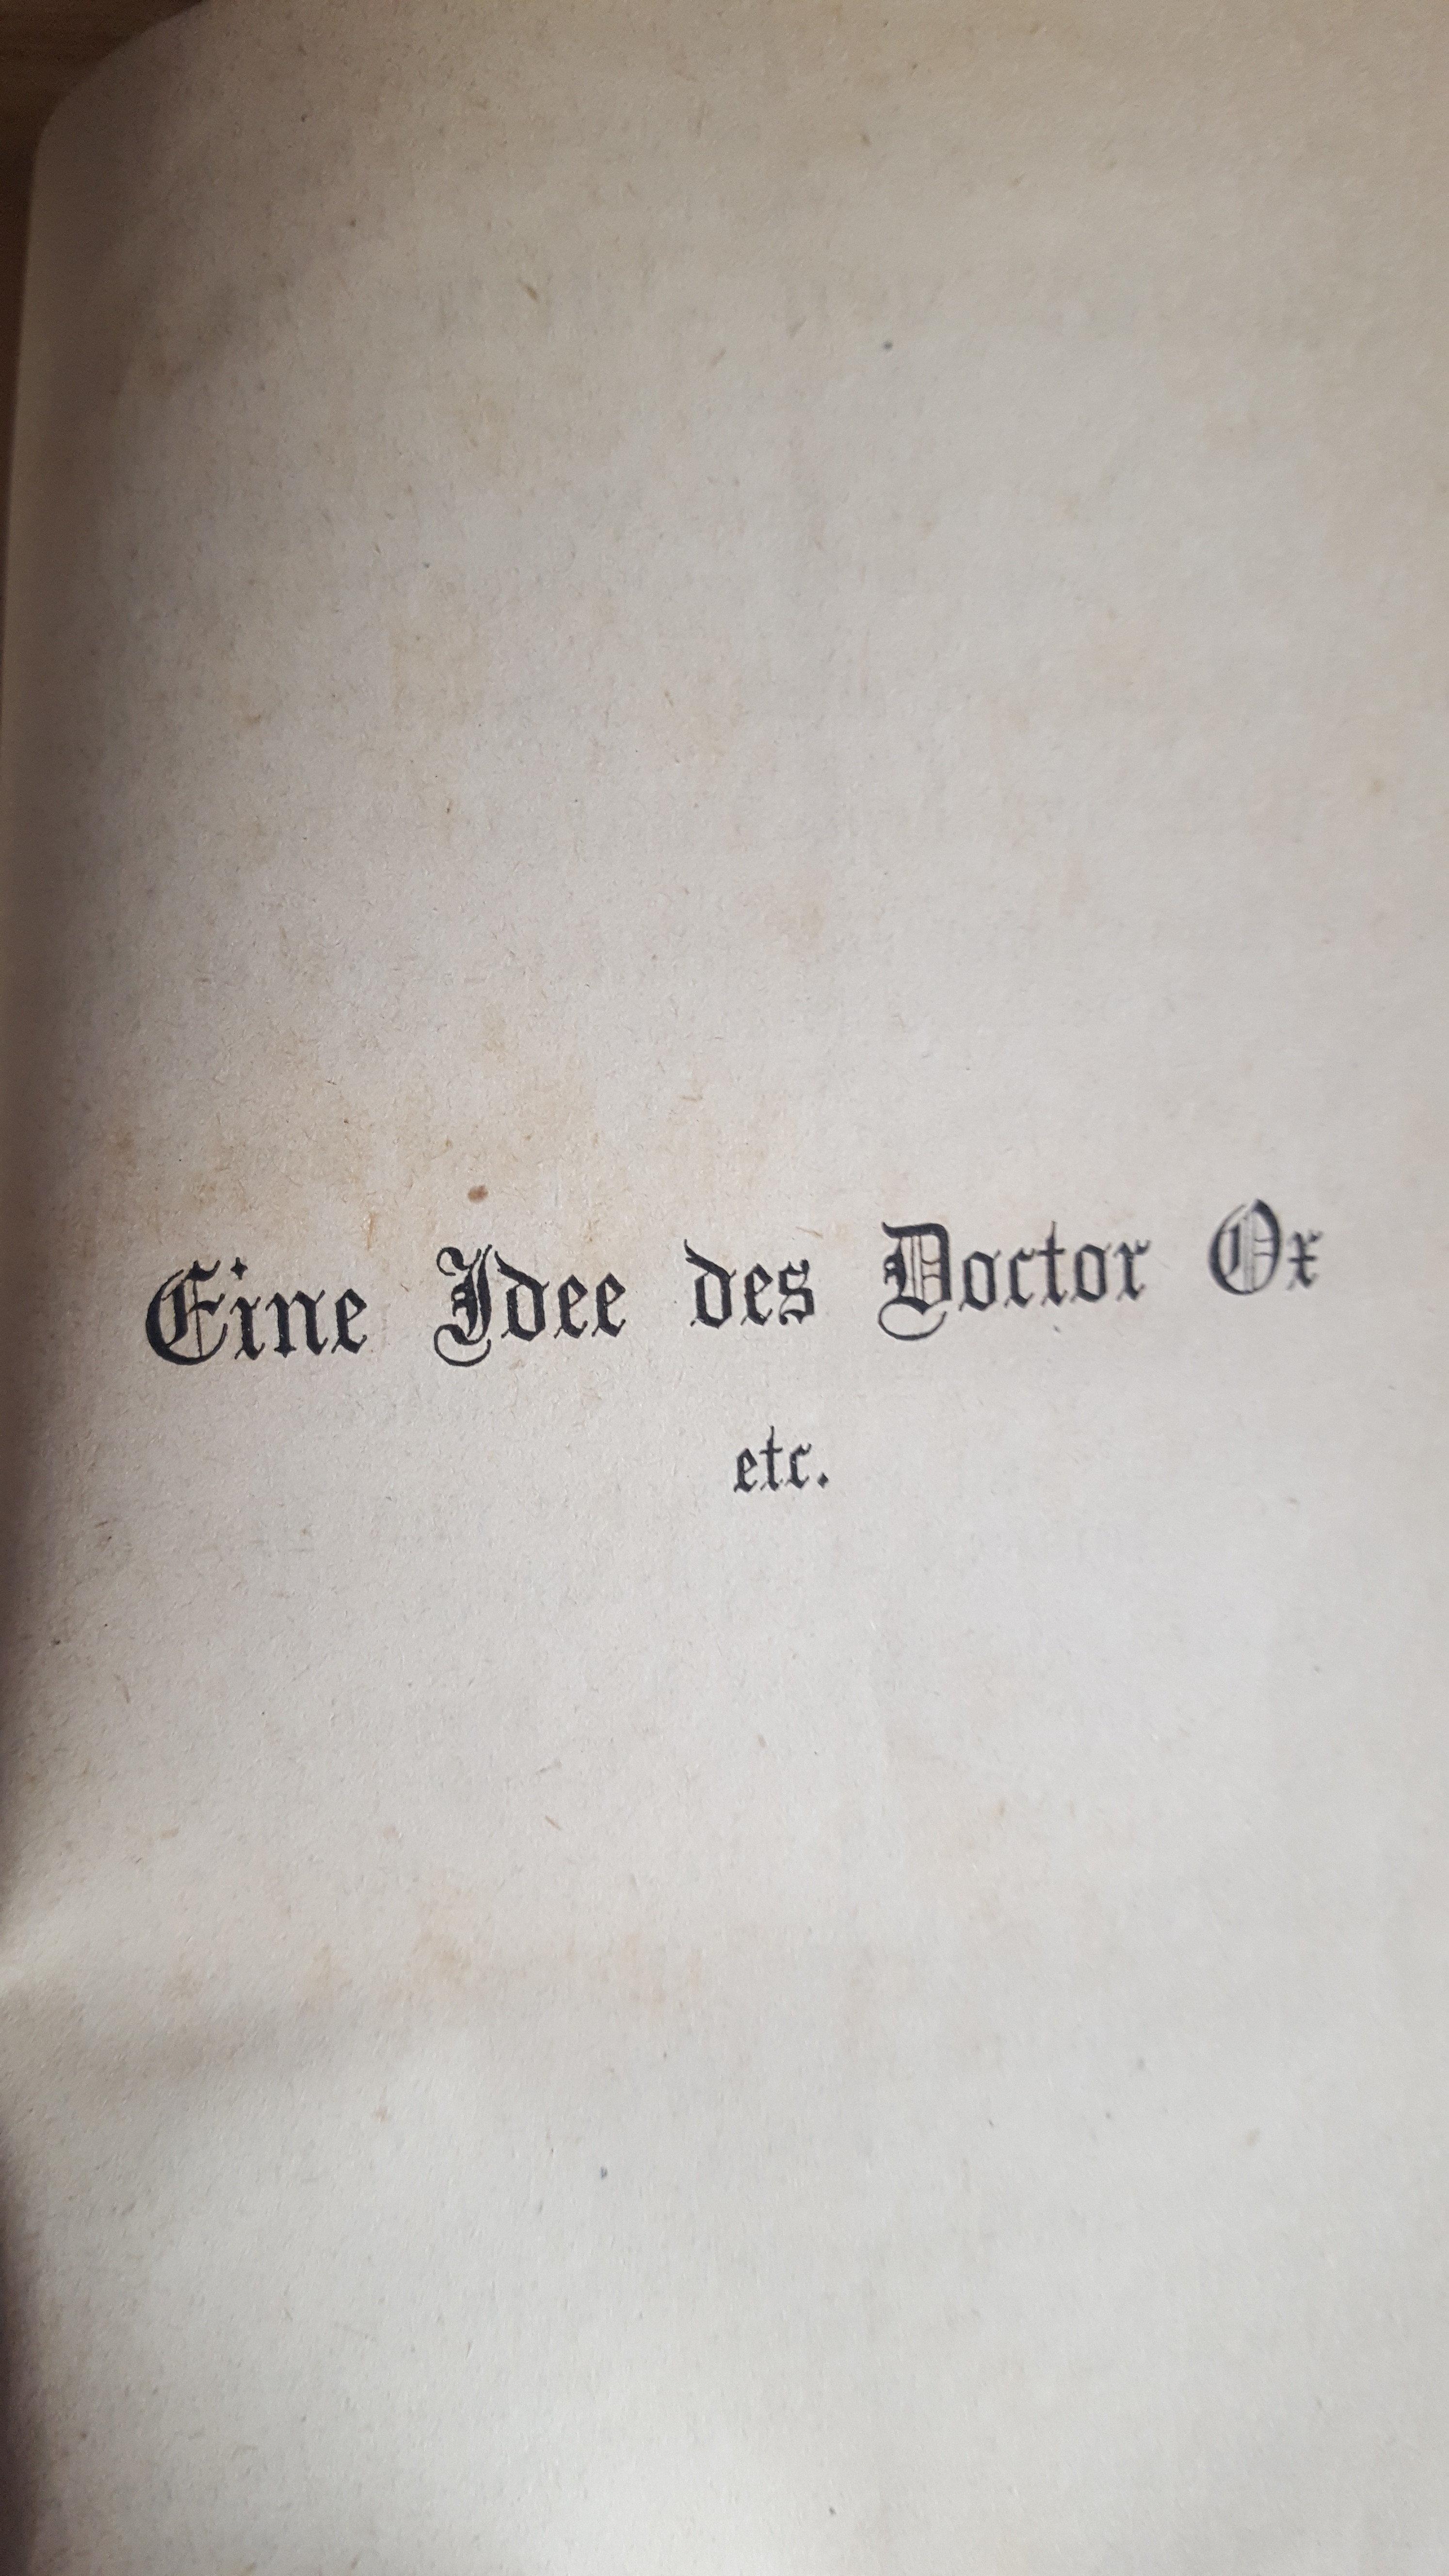 Julius Verne`s Schriften Band 20 Eine Idee des Doctor Ox,  1875